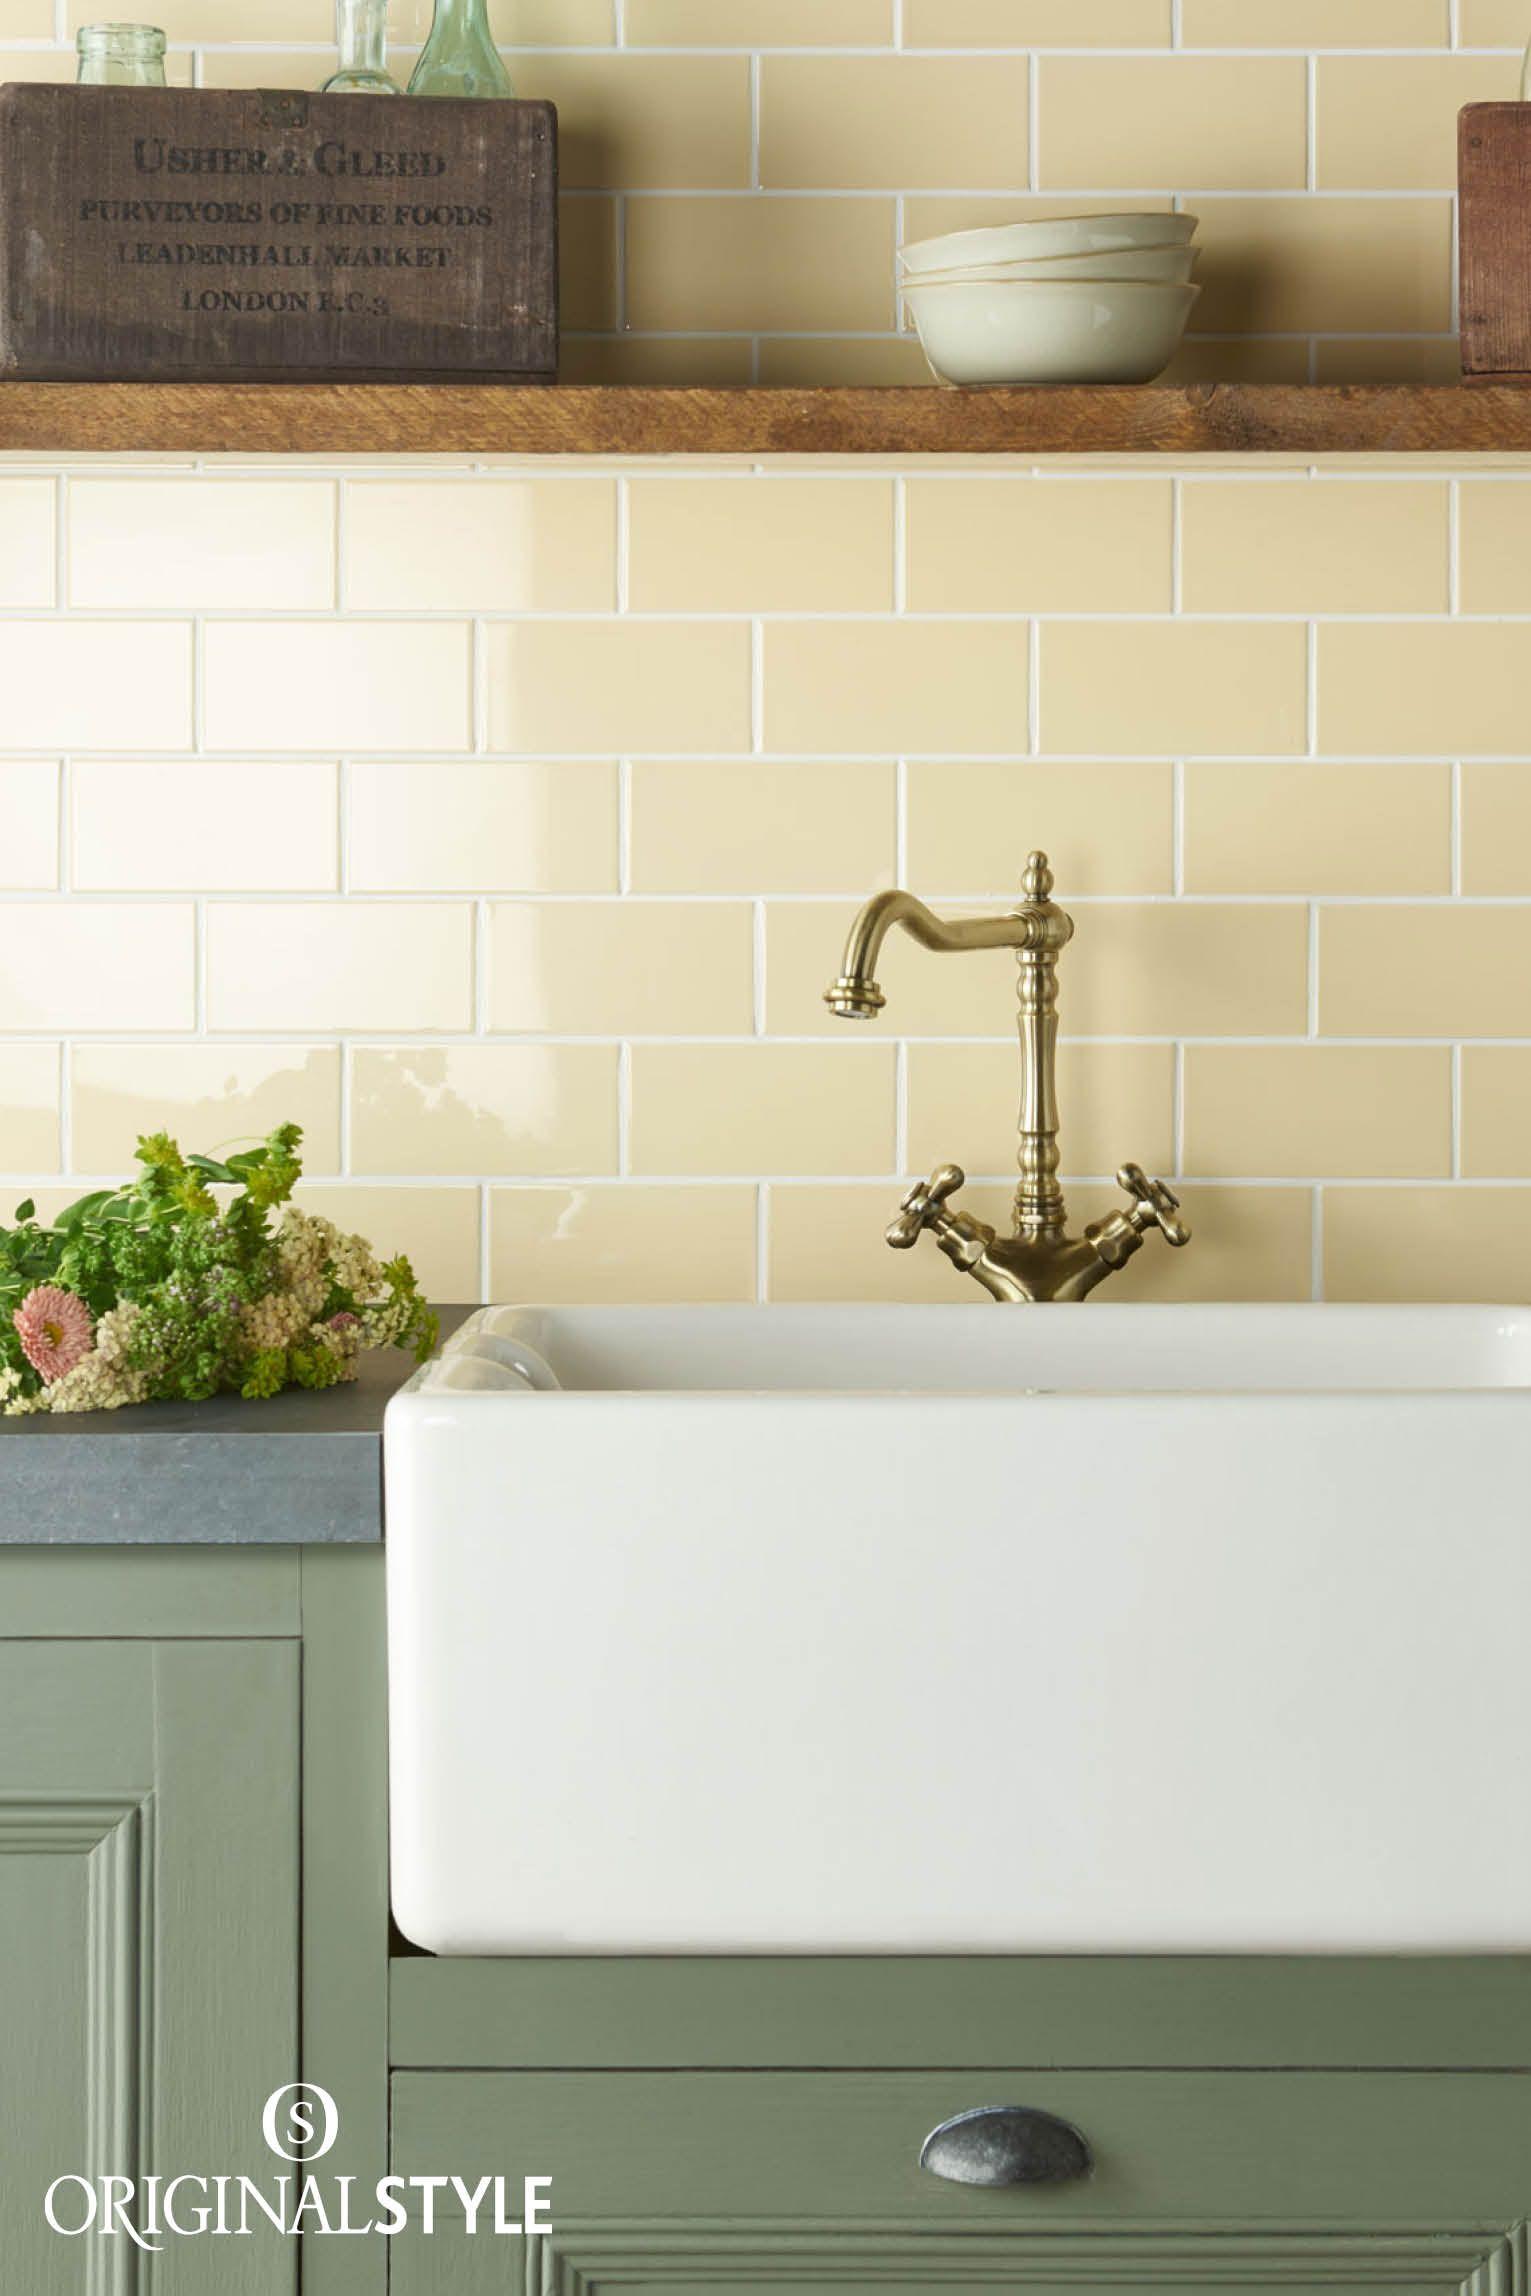 Regency Cream S9002 Bathroom Wall Tile Green Kitchen Backsplash Bathroom Wall